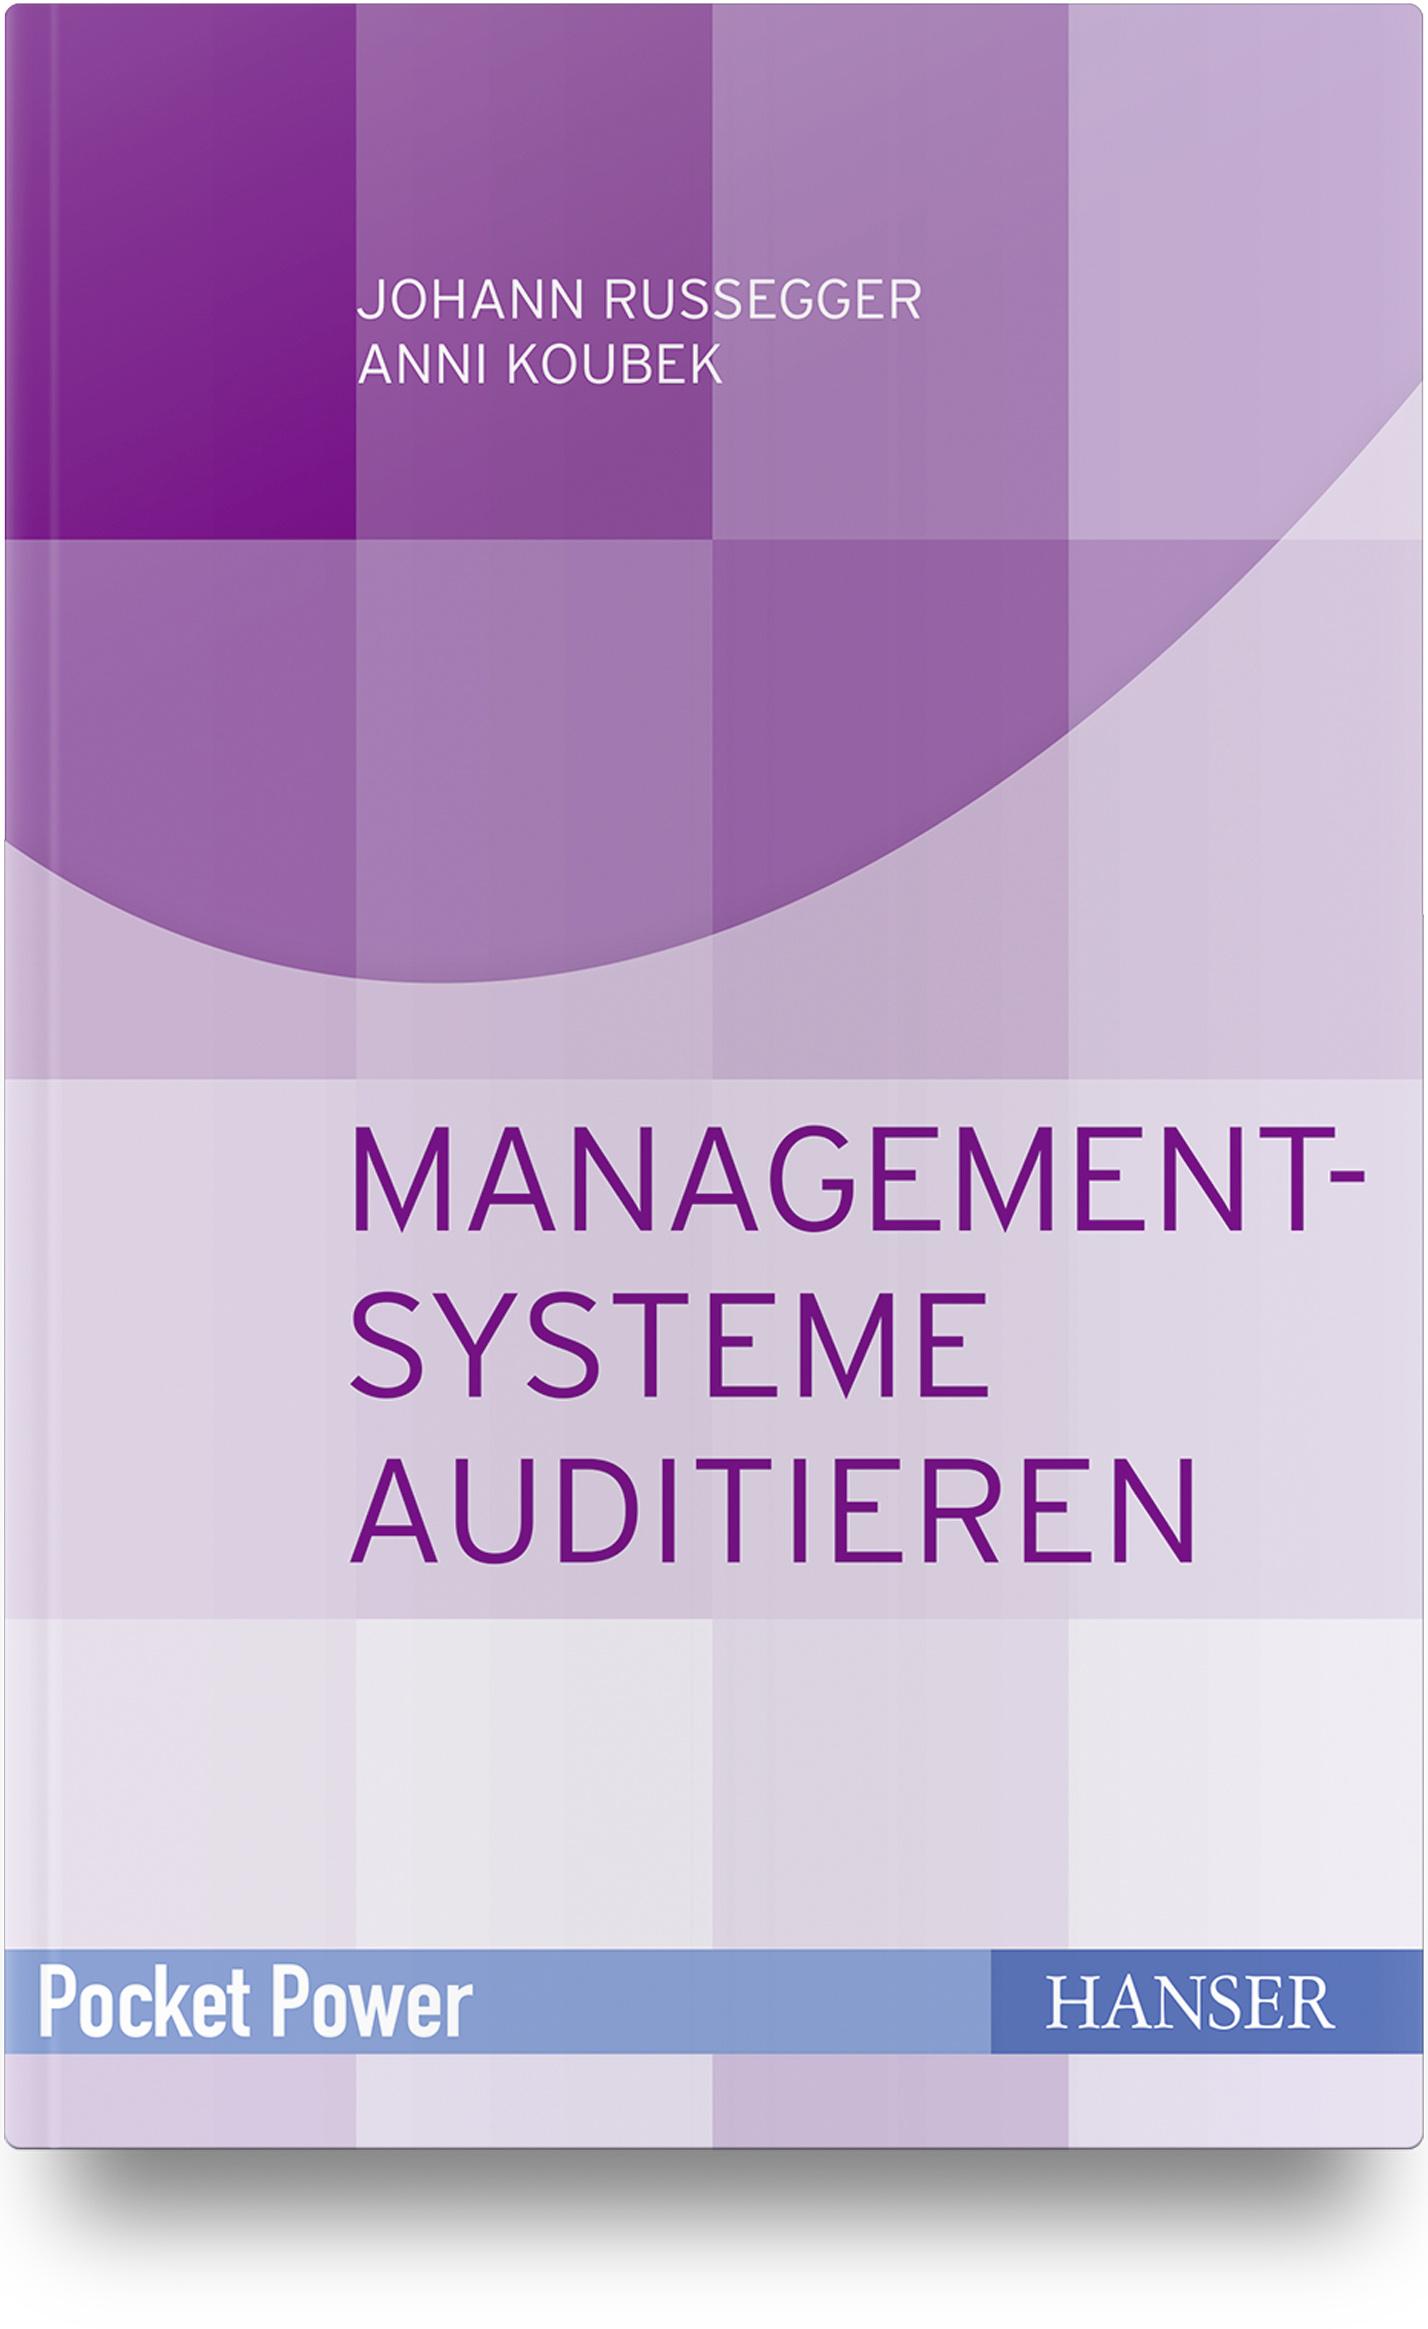 Russegger, Koubek, Managementsysteme auditieren, 978-3-446-45834-5